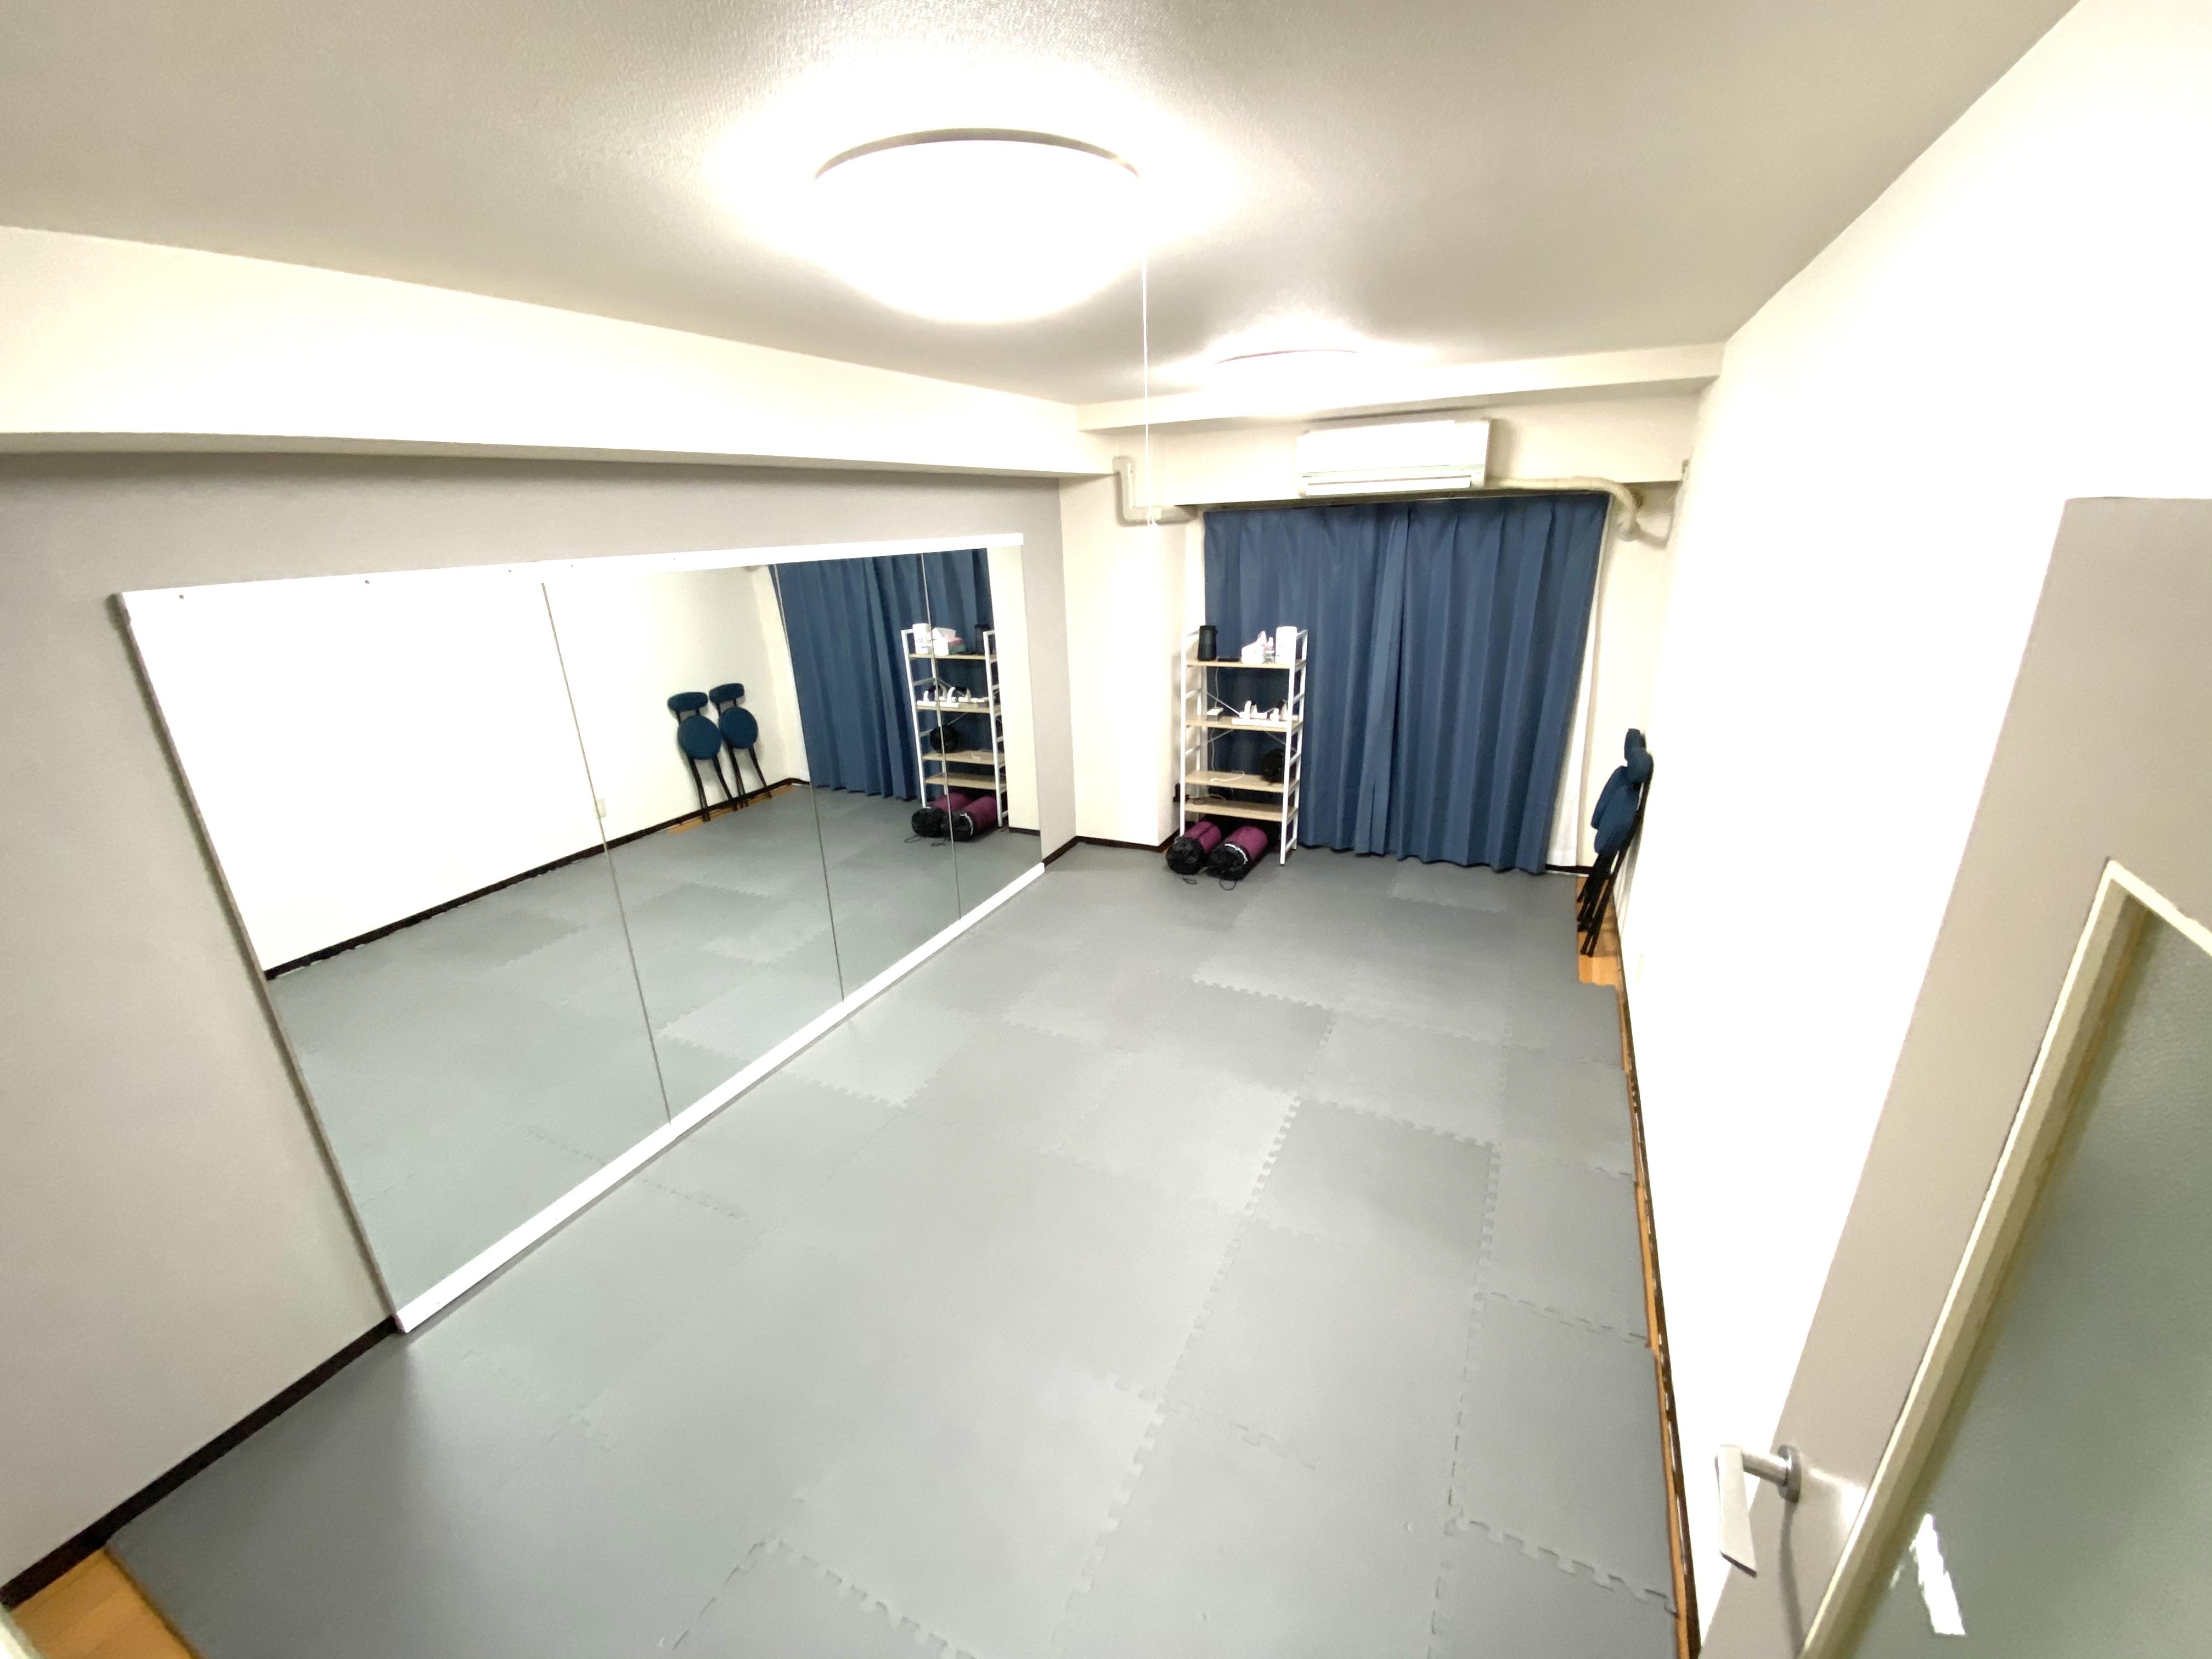 3.2×1.8mの大型ミラー/裸足or靴どちらでもOK - ダンススタジオ 学生応援【格安】ダンススタジオの室内の写真